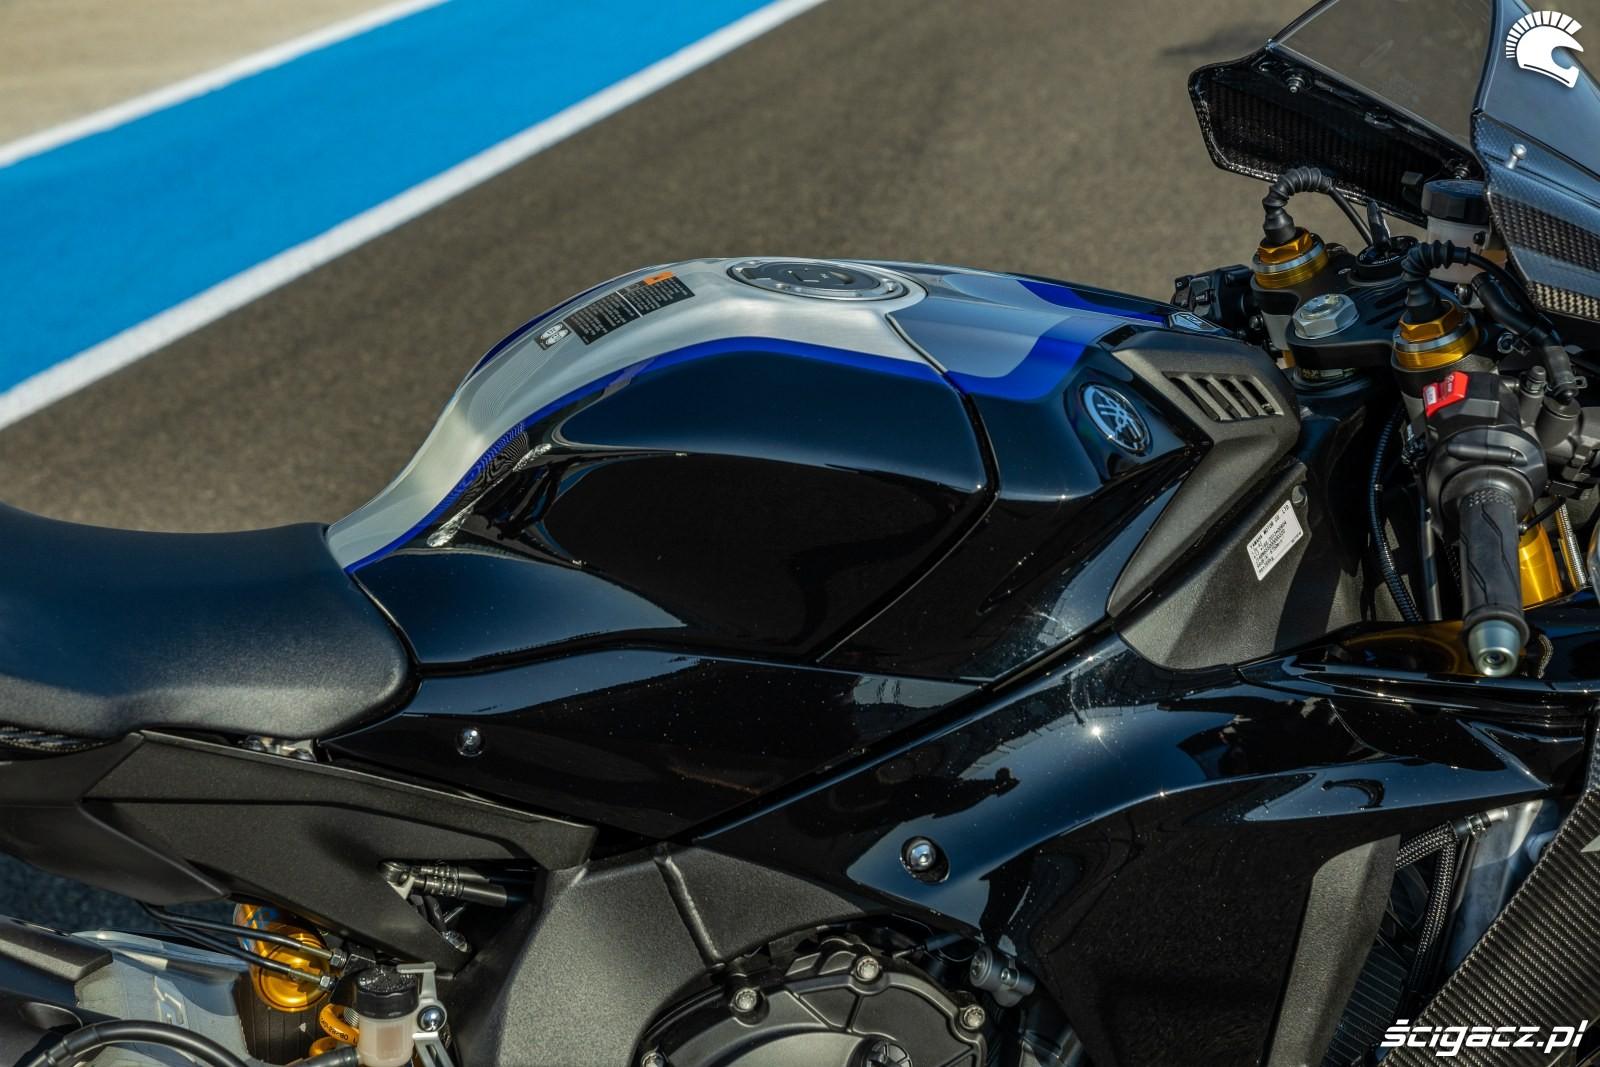 Yamaha R1 M 2020 detale 09